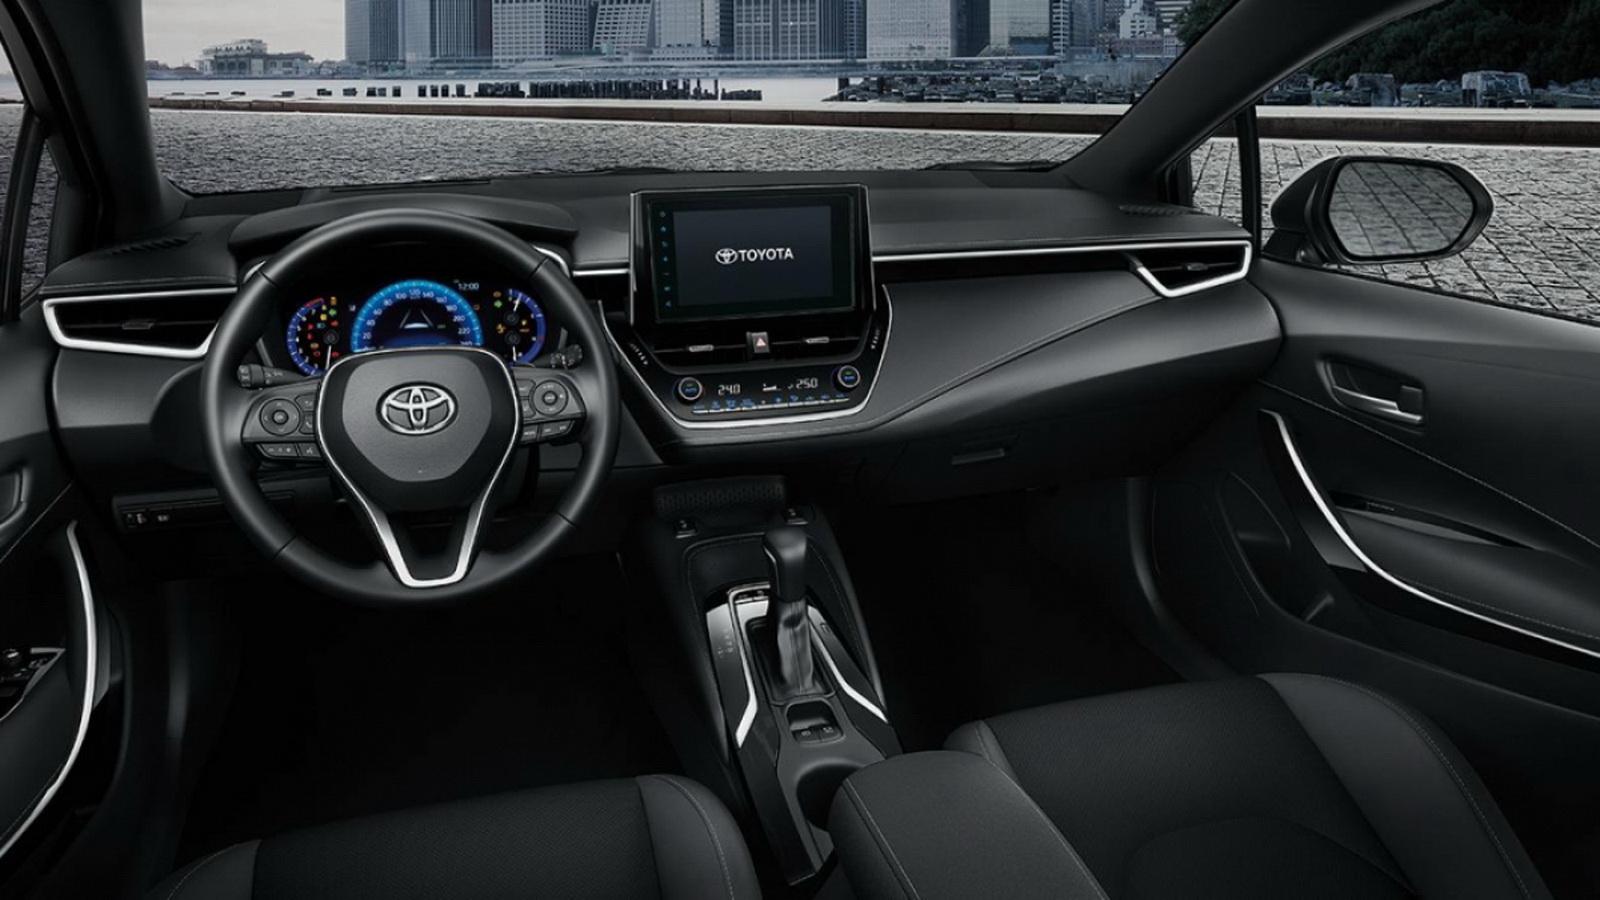 圖/Corolla Sport配備7吋液晶儀表板與8吋獨立多媒體螢幕,整體內裝鋪陳與Corolla Altis差異不大。